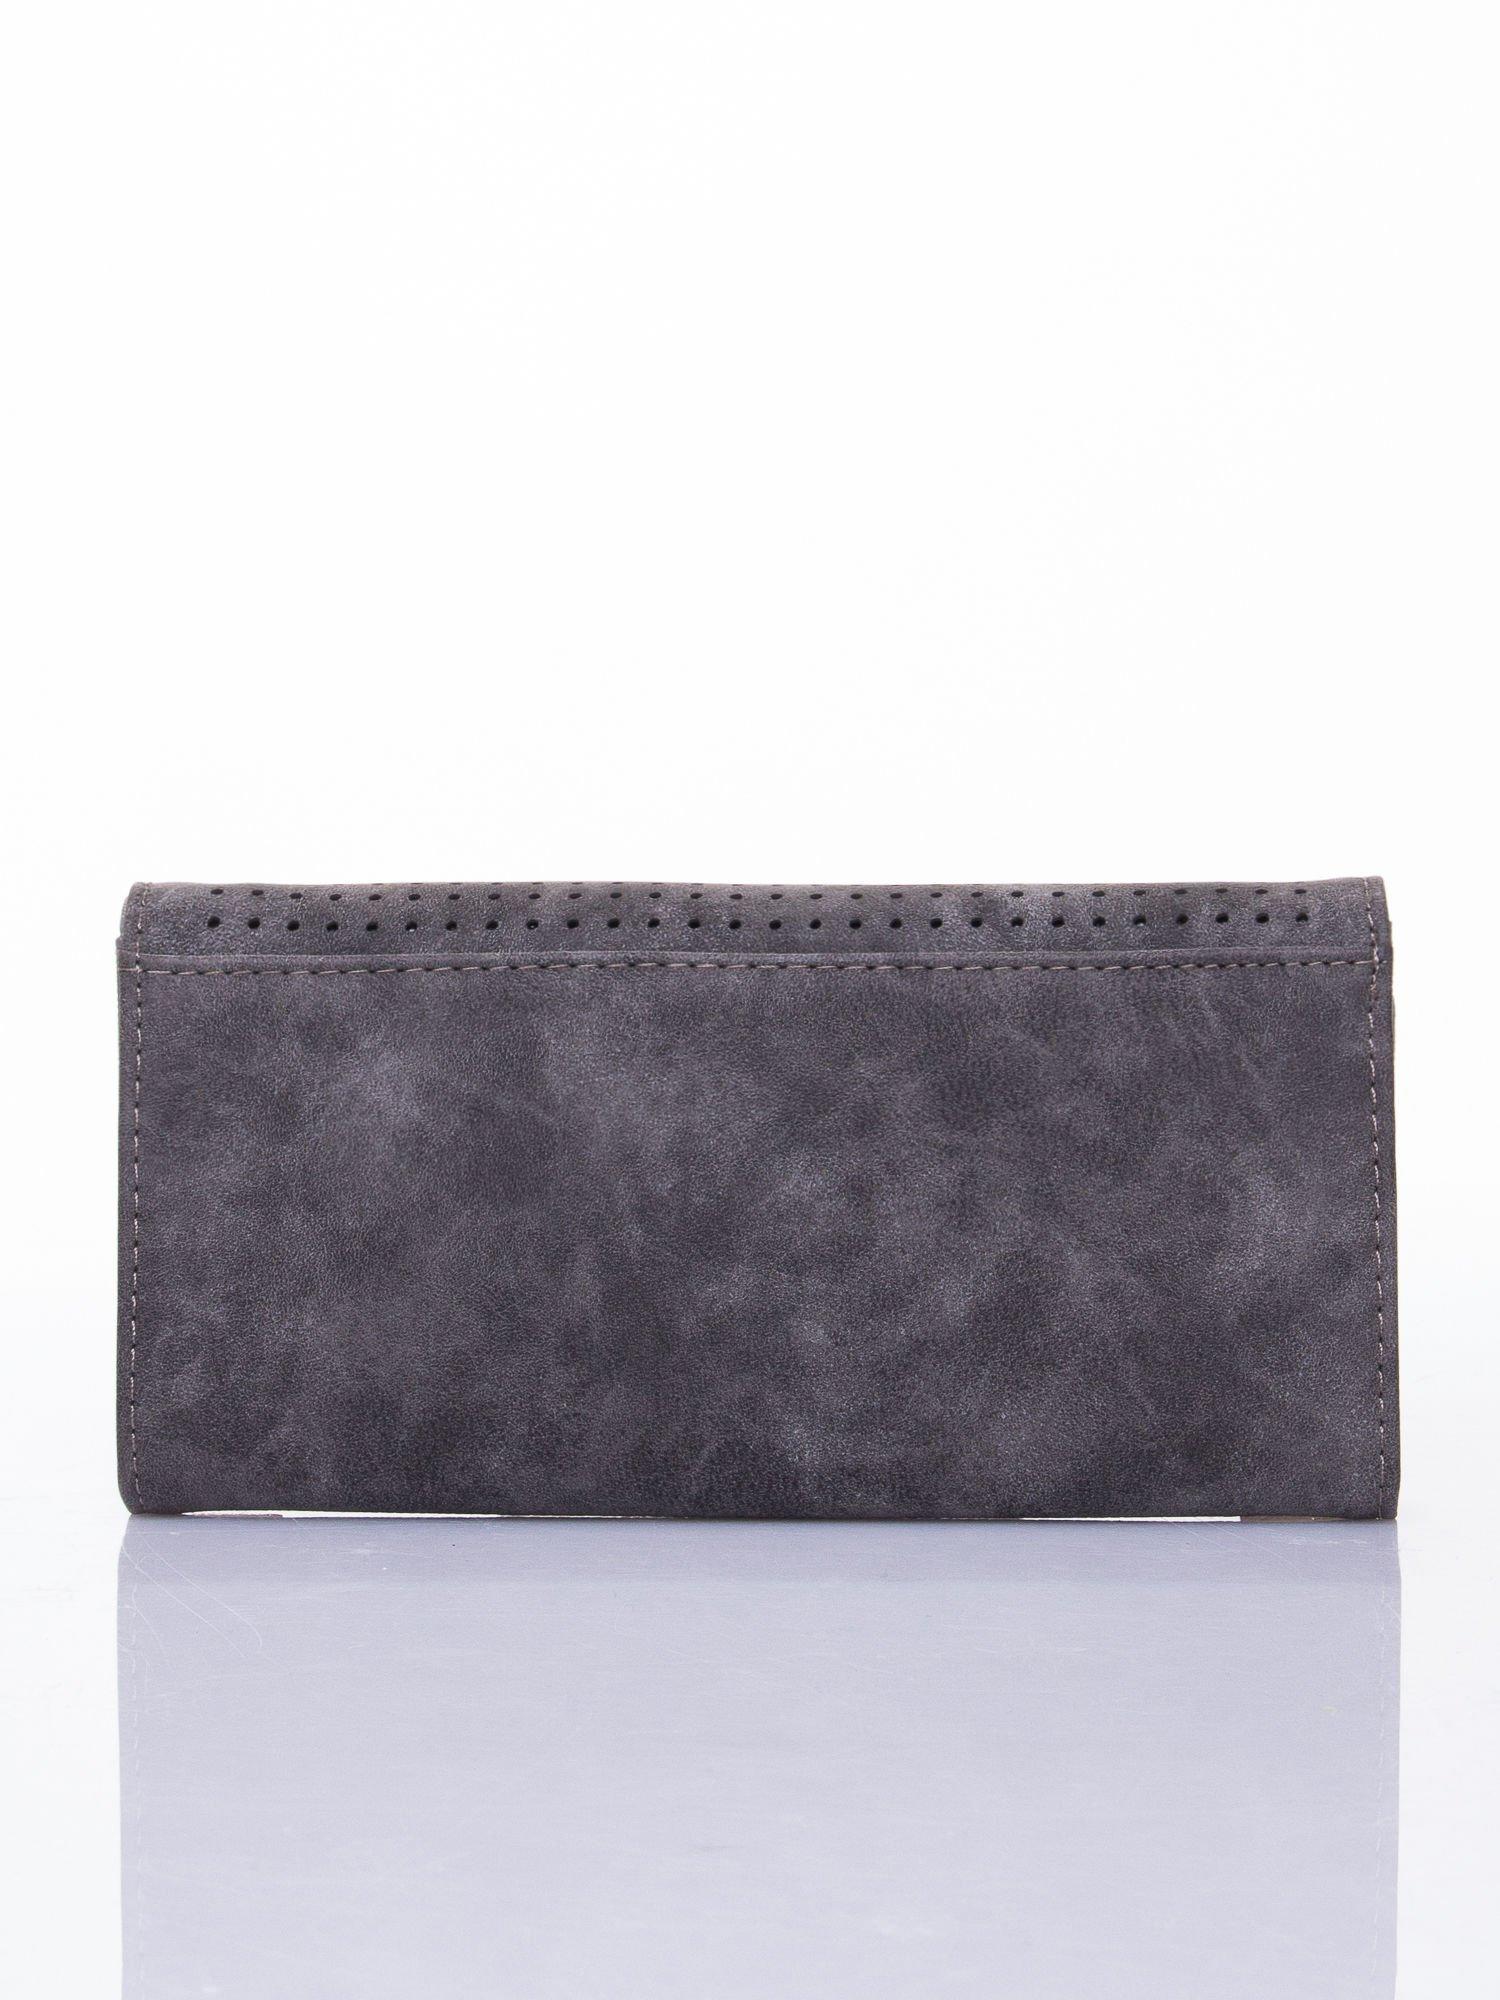 Szary dziurkowany portfel ze złotym wykończeniem                                  zdj.                                  2